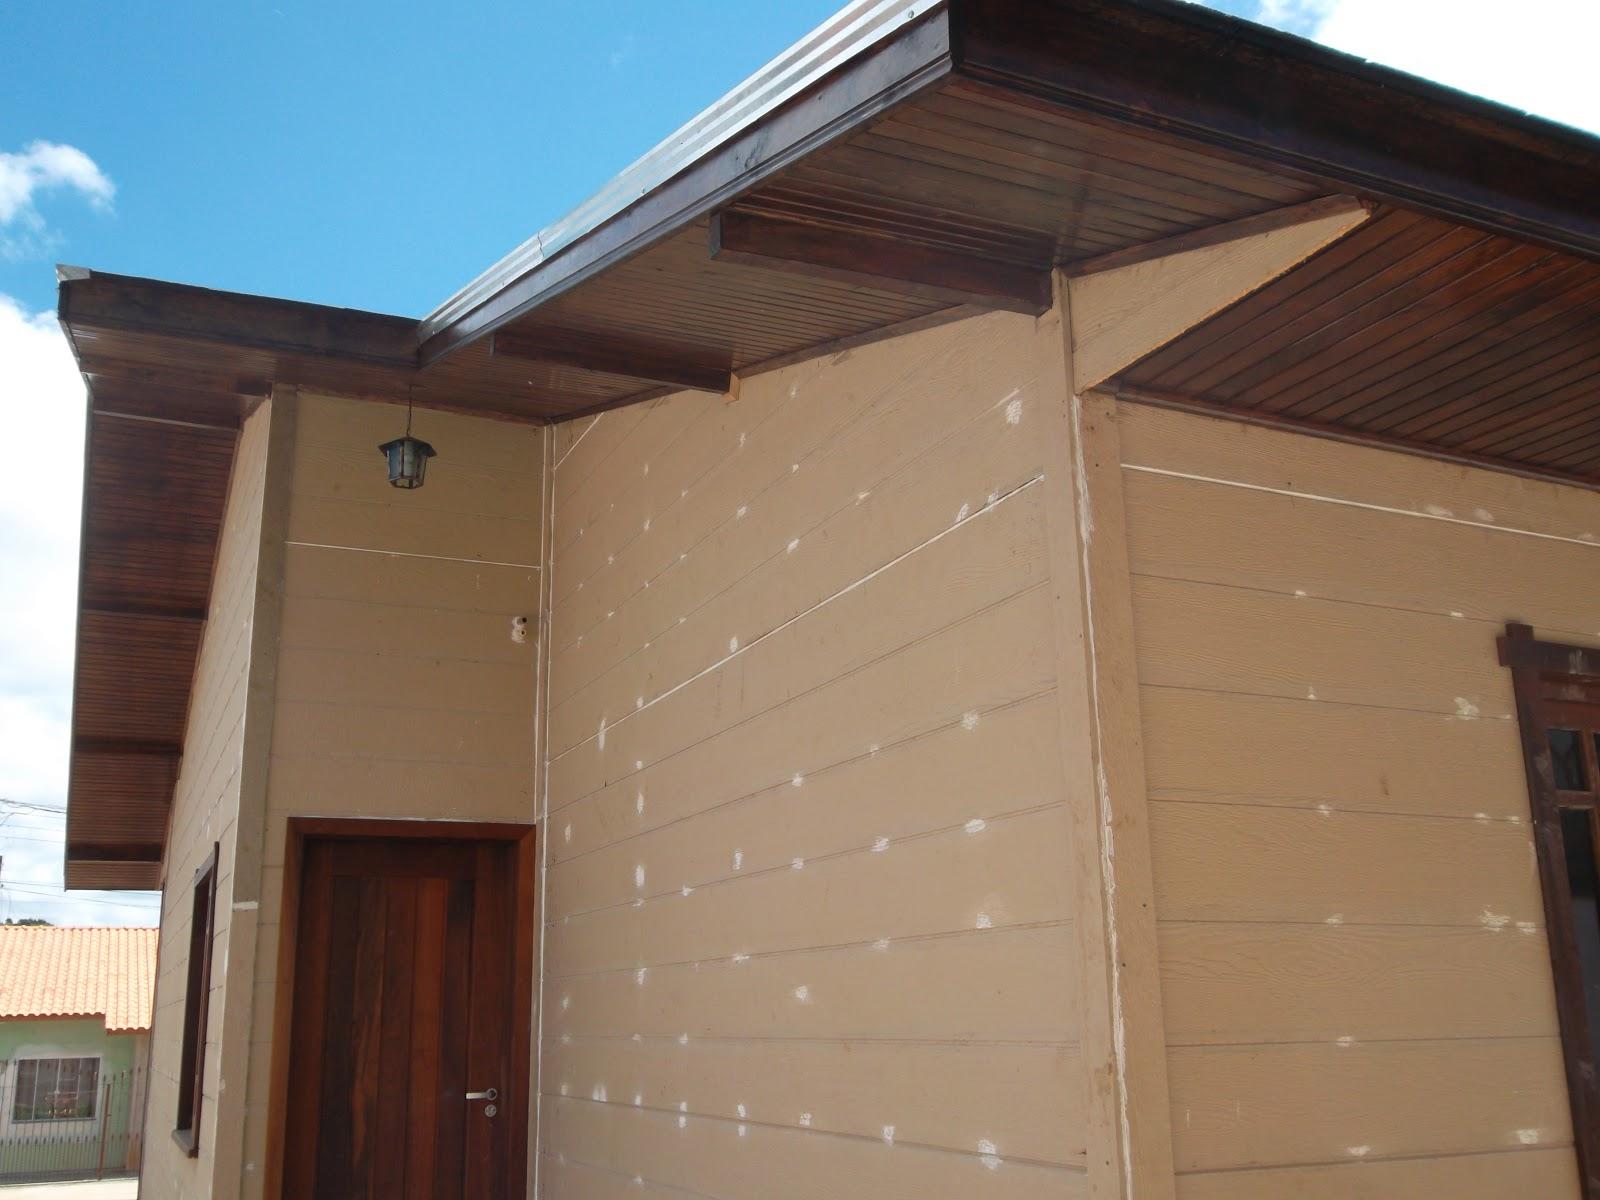 #1C79AF Casinha pintadinha rsrs adoramos os forros cor de imbuia! 1600x1200 px sonhar banheiro grande